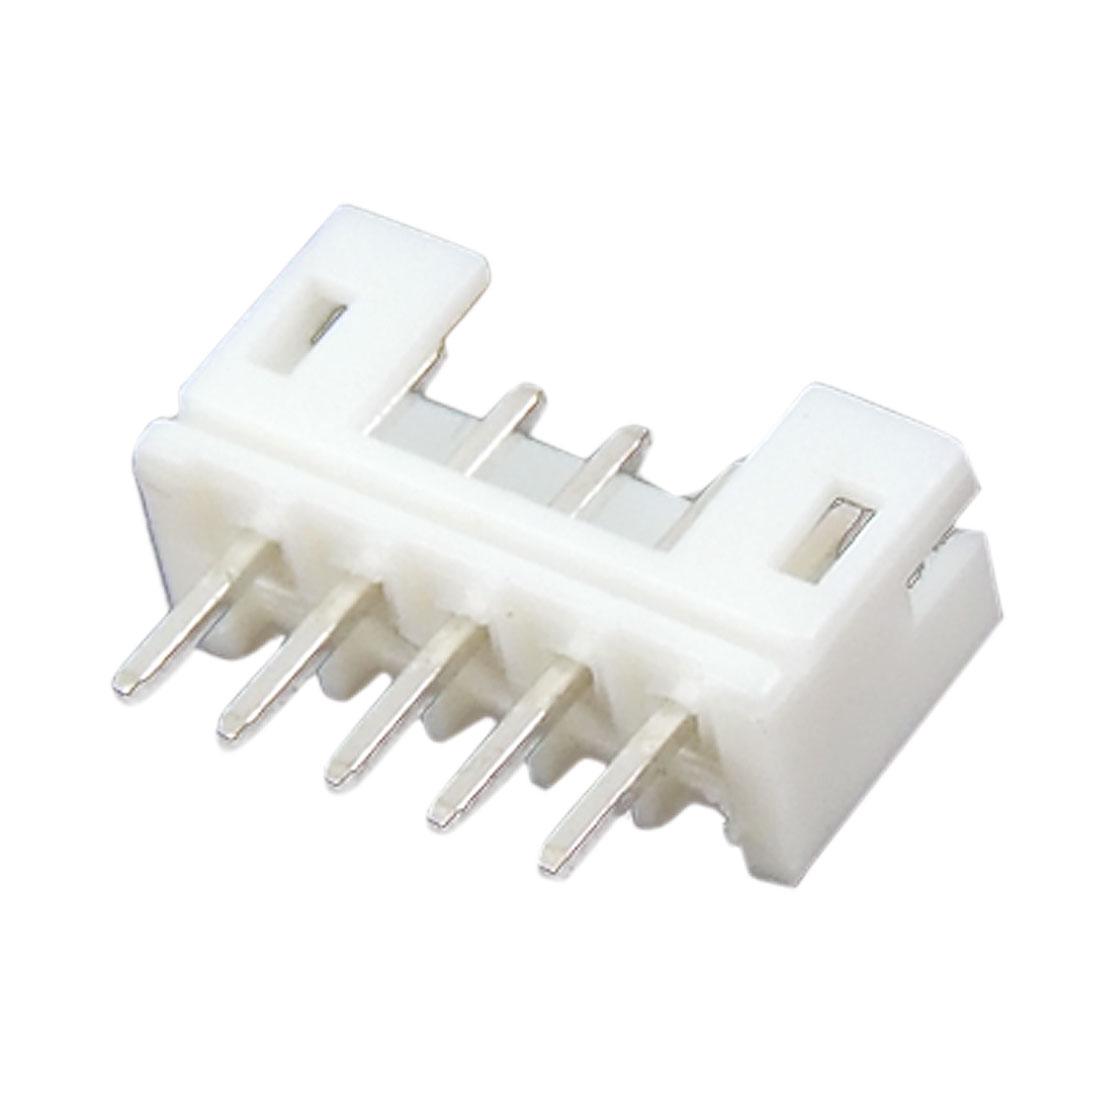 100 Pcs 2mm Pitch 5 Pins PCB DIP Welding Bar Connectors